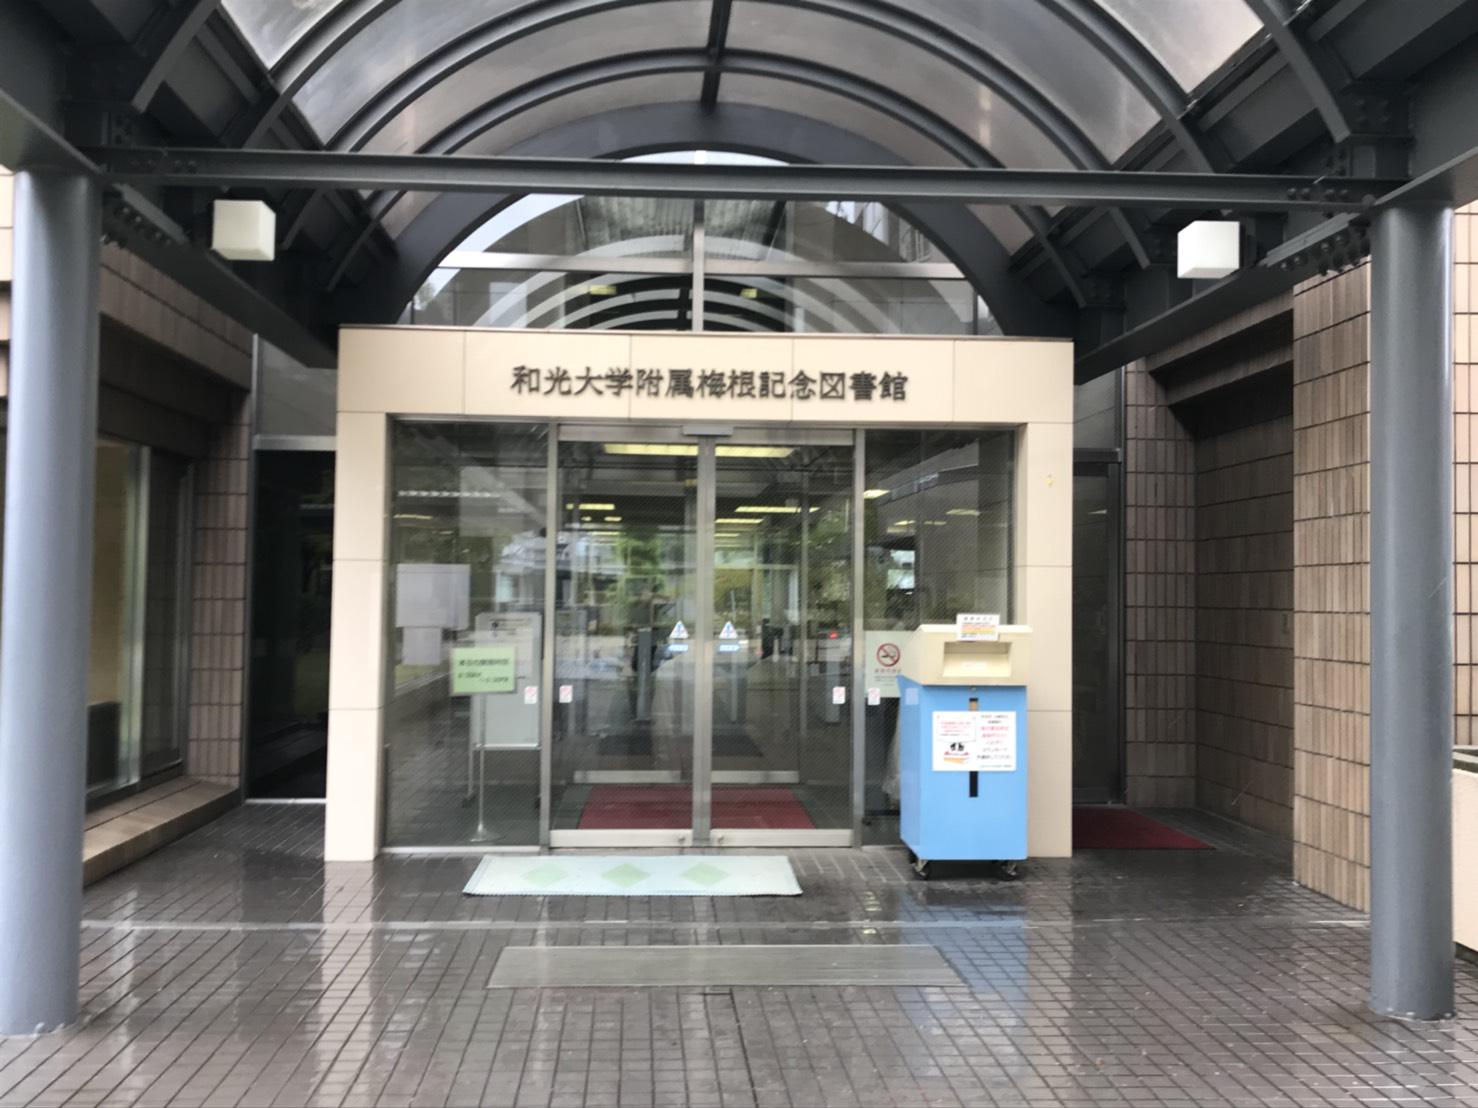 和光大学付属海根記念図書館・情報館に行ってみました☆鶴川